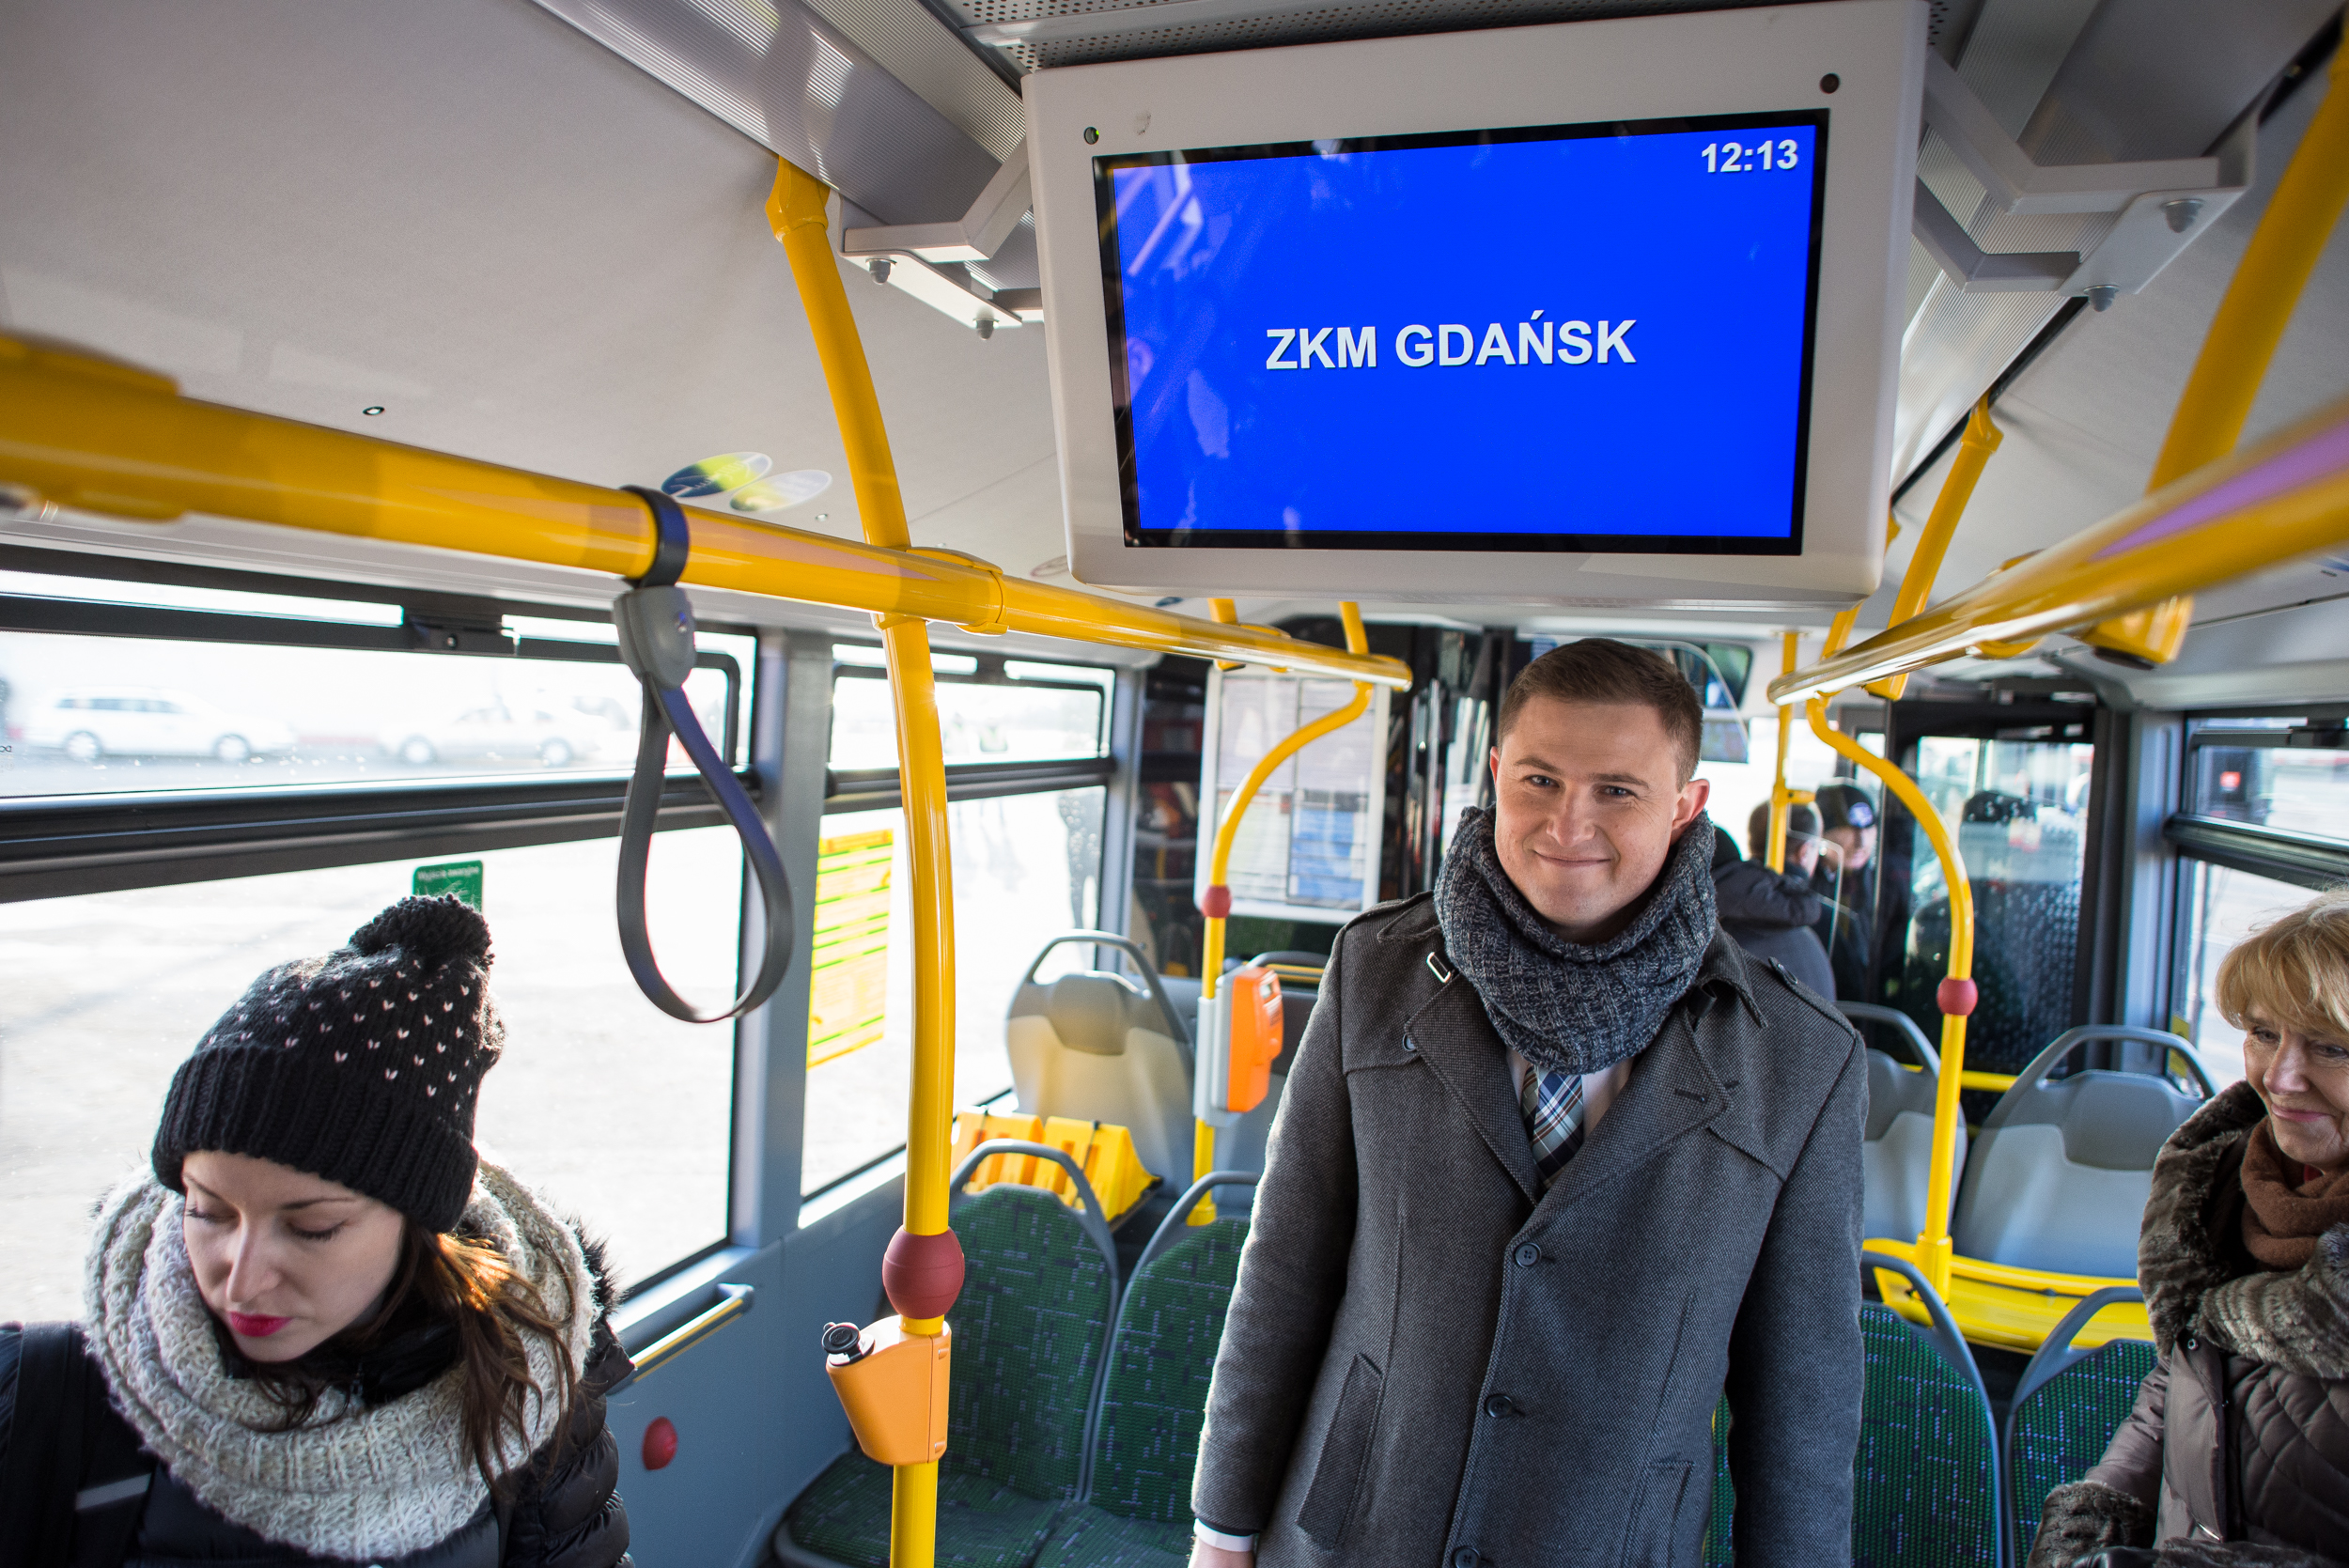 Prezentacja nowych autobusów Citaro. Zajezdnia autobusowa ZKM przy ul. Hallera. Nz Piotr Grzelak Z-ca Prezydenta ds. polityki komunalnej.